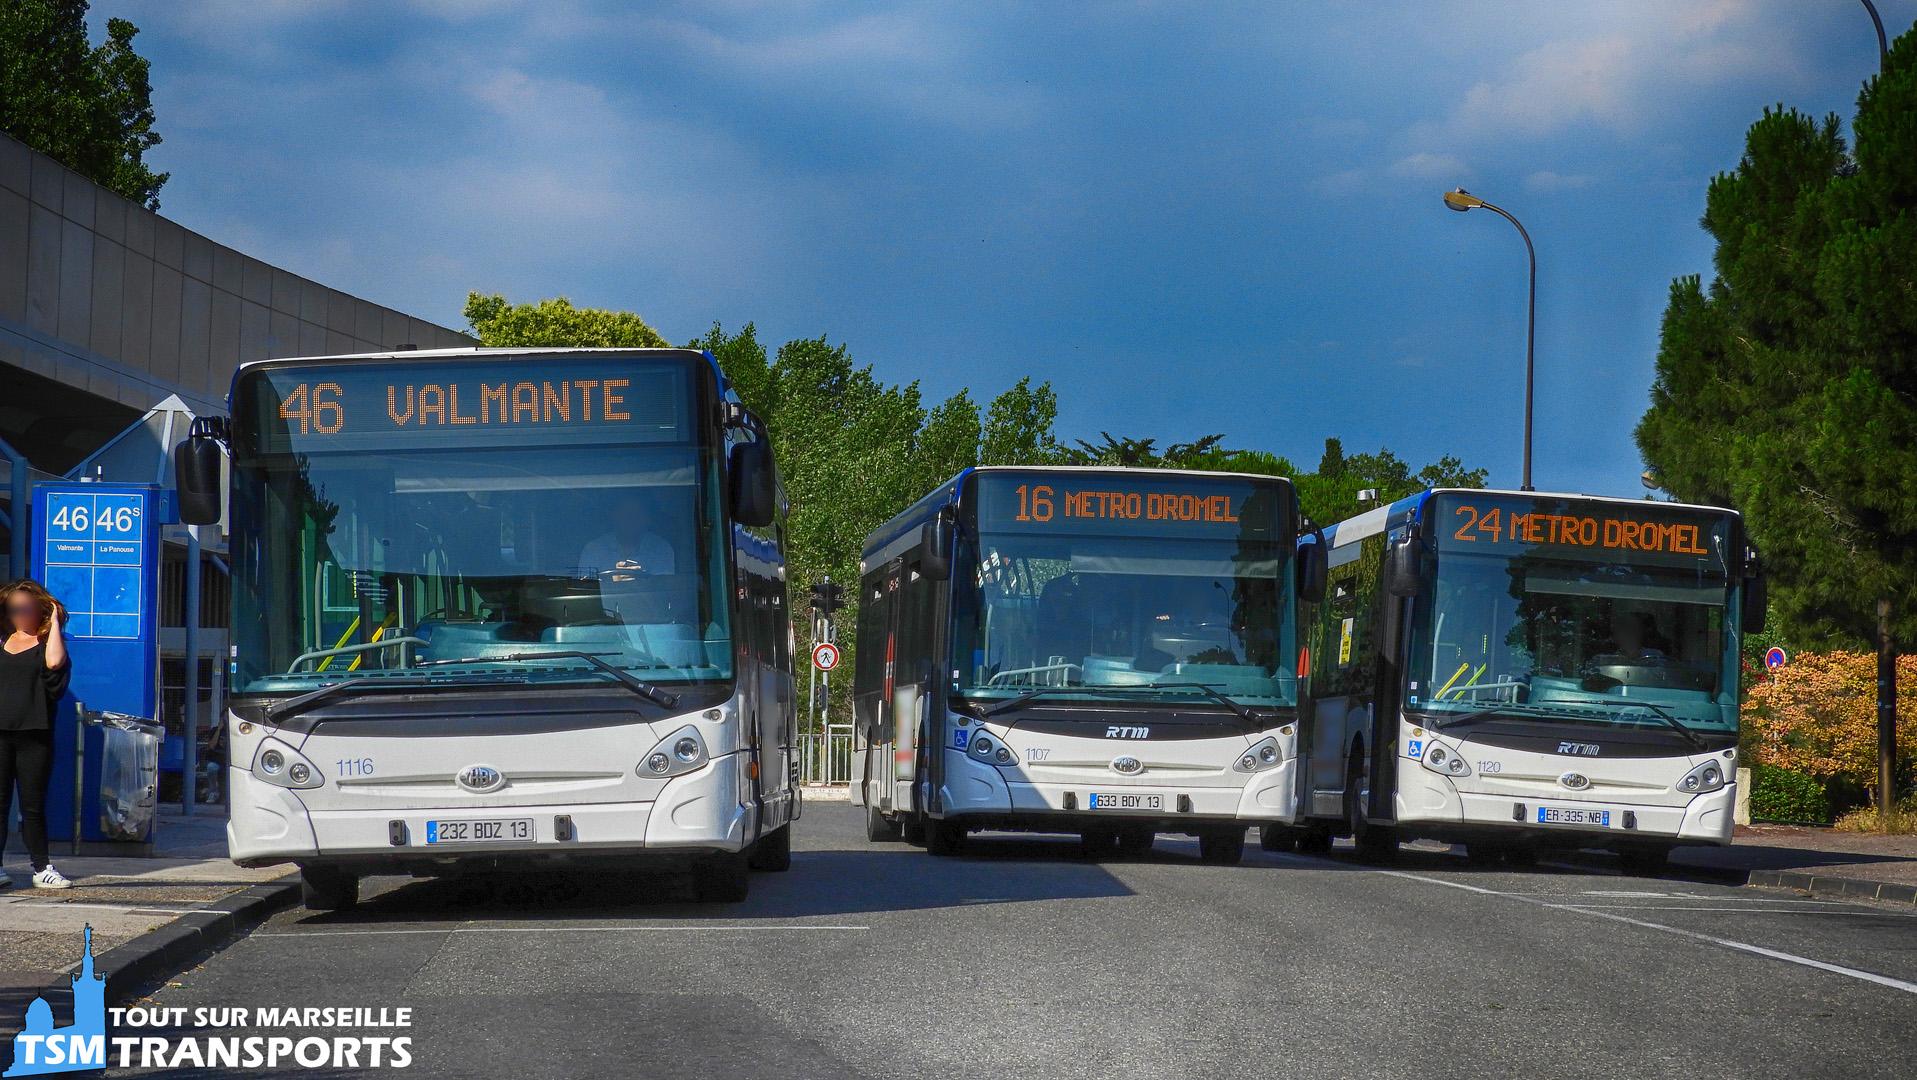 Brochette de 3 Heuliez Bus GX327 RTM n°1116, 1107 et 1120 à la gare d'échange du Métro Sainte Marguerite Dromel